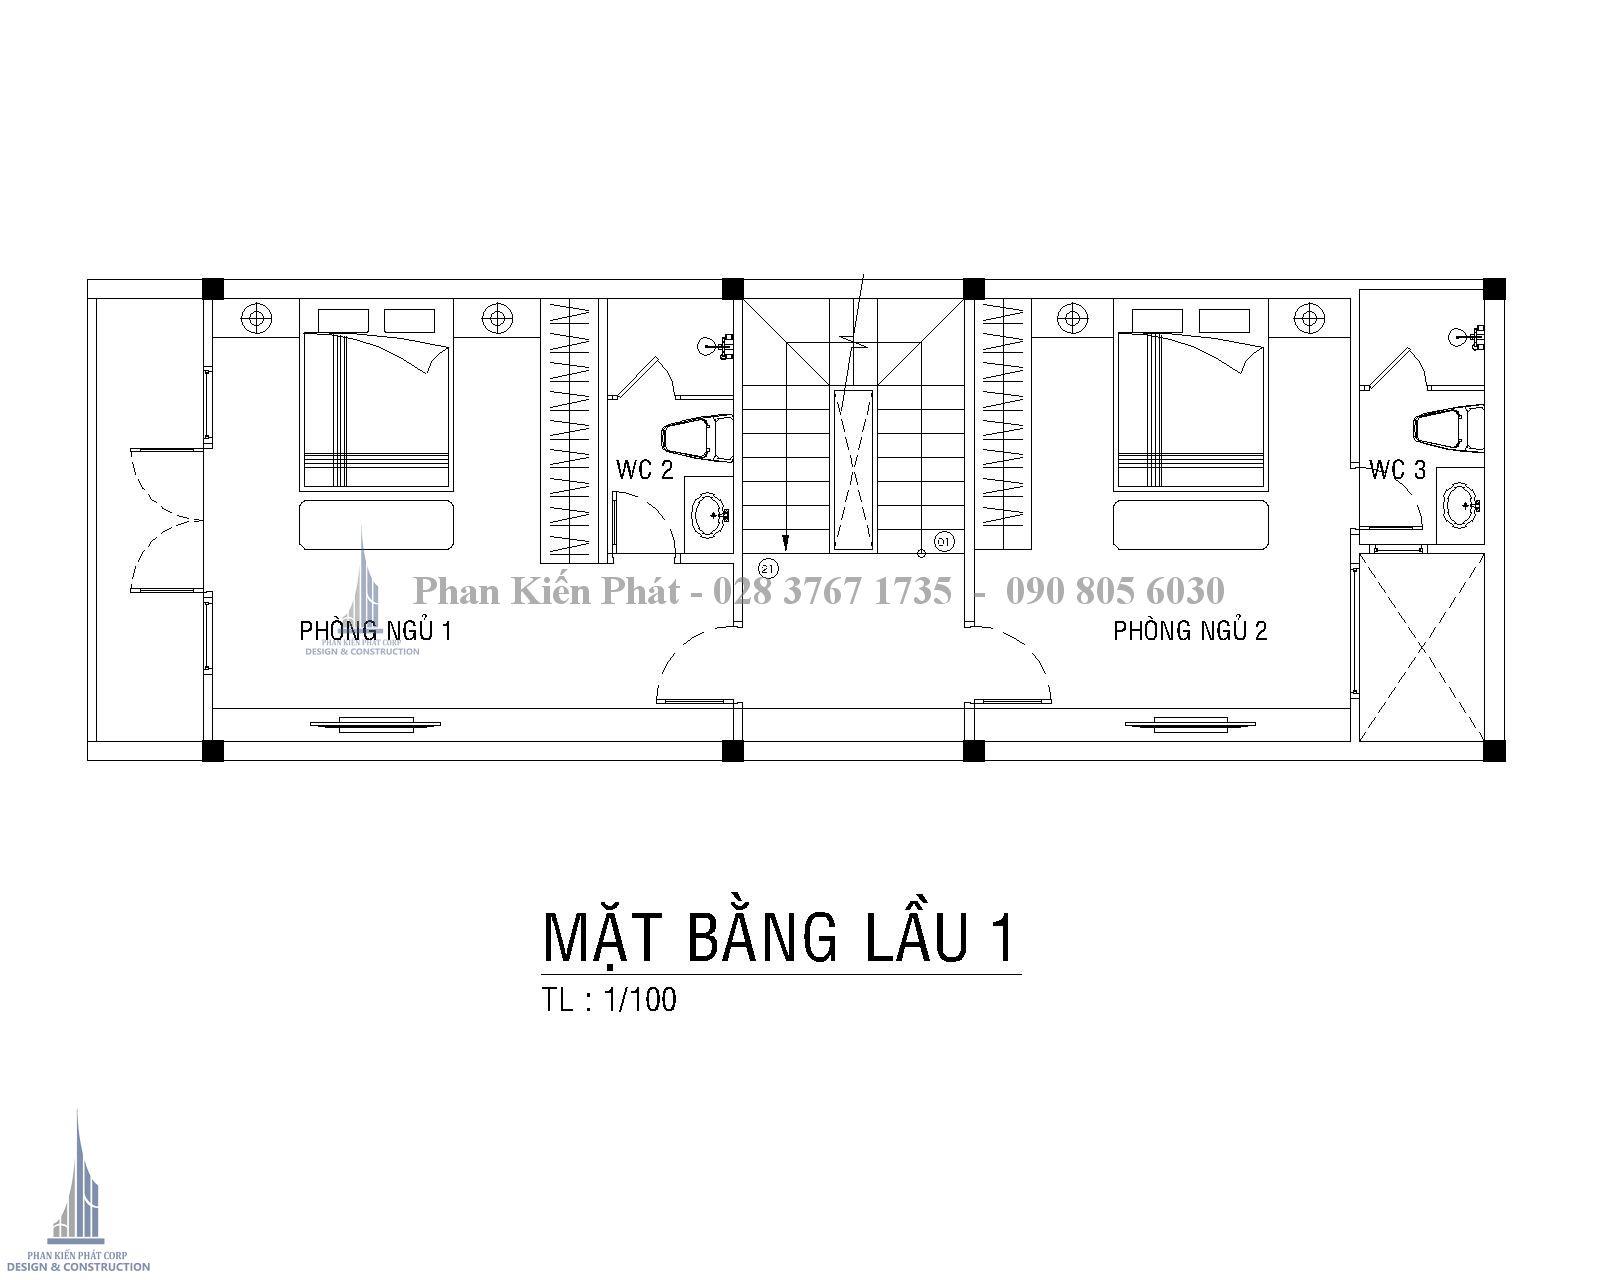 Mat Bang Cong Nang Lau 1 Nha Ong Co Dien Dep Anh Hoa